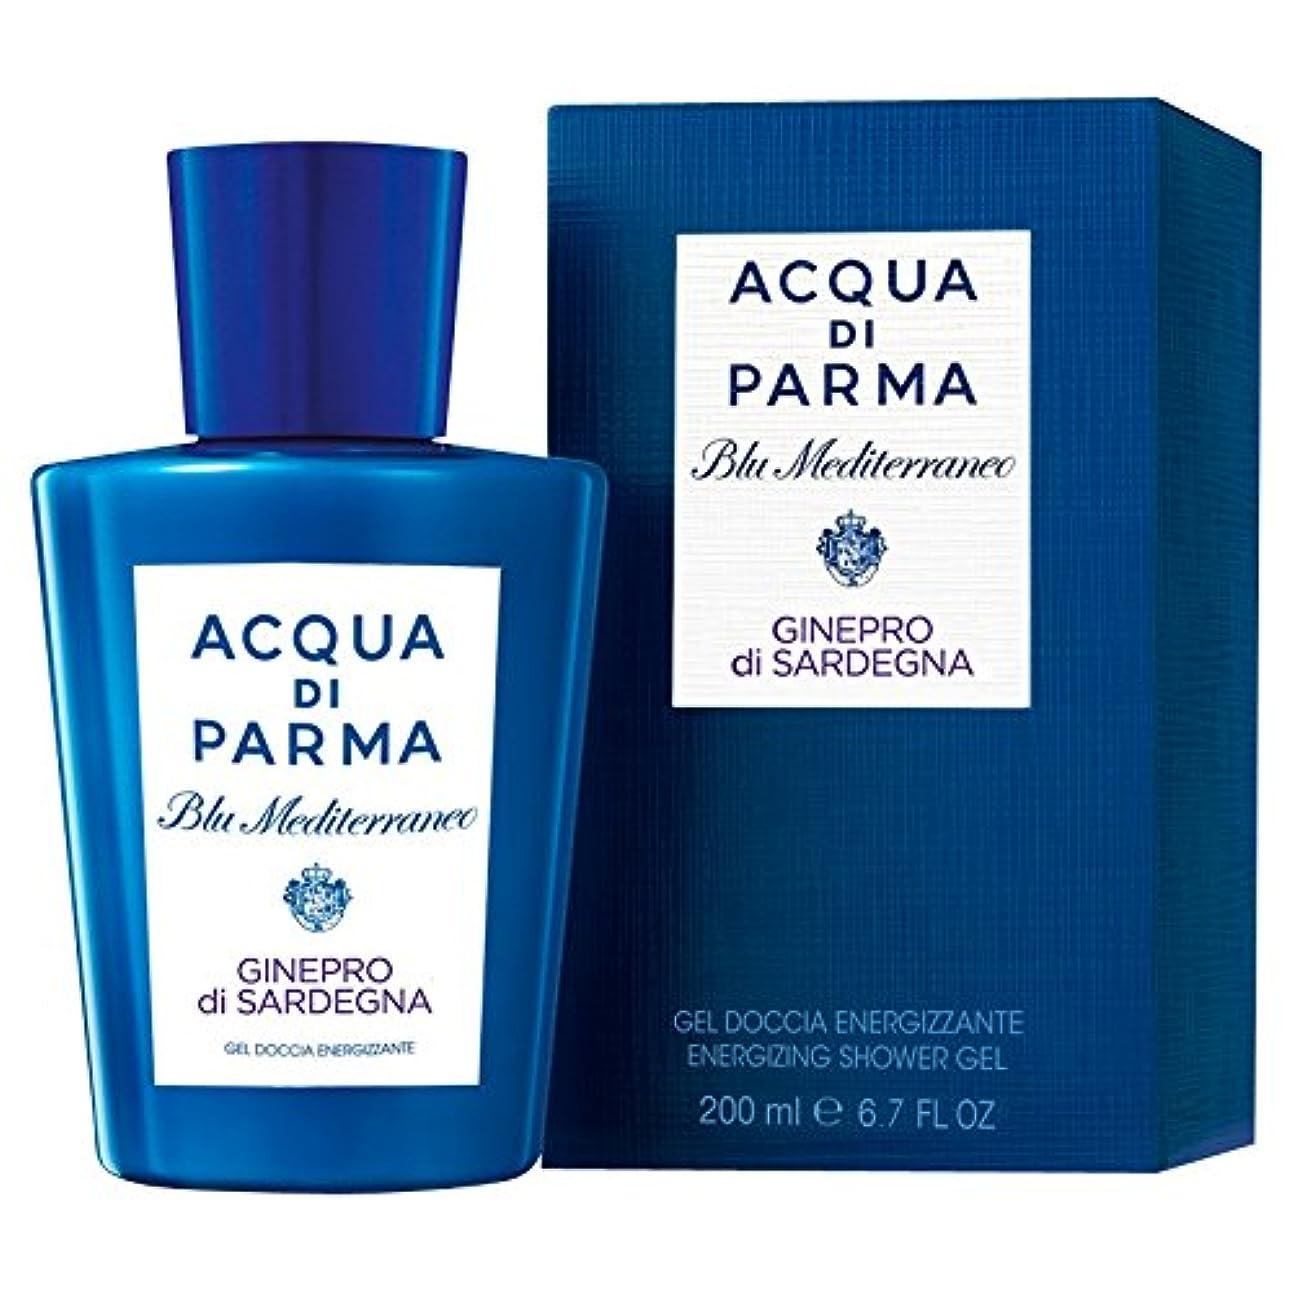 プレゼンテーション三角形どちらかアクア?ディ?パルマブルーメディGineproのディサルデーニャシャワージェル200ミリリットル (Acqua di Parma) (x2) - Acqua di Parma Blu Mediterraneo Ginepro Di Sardegna Shower Gel 200ml (Pack of 2) [並行輸入品]